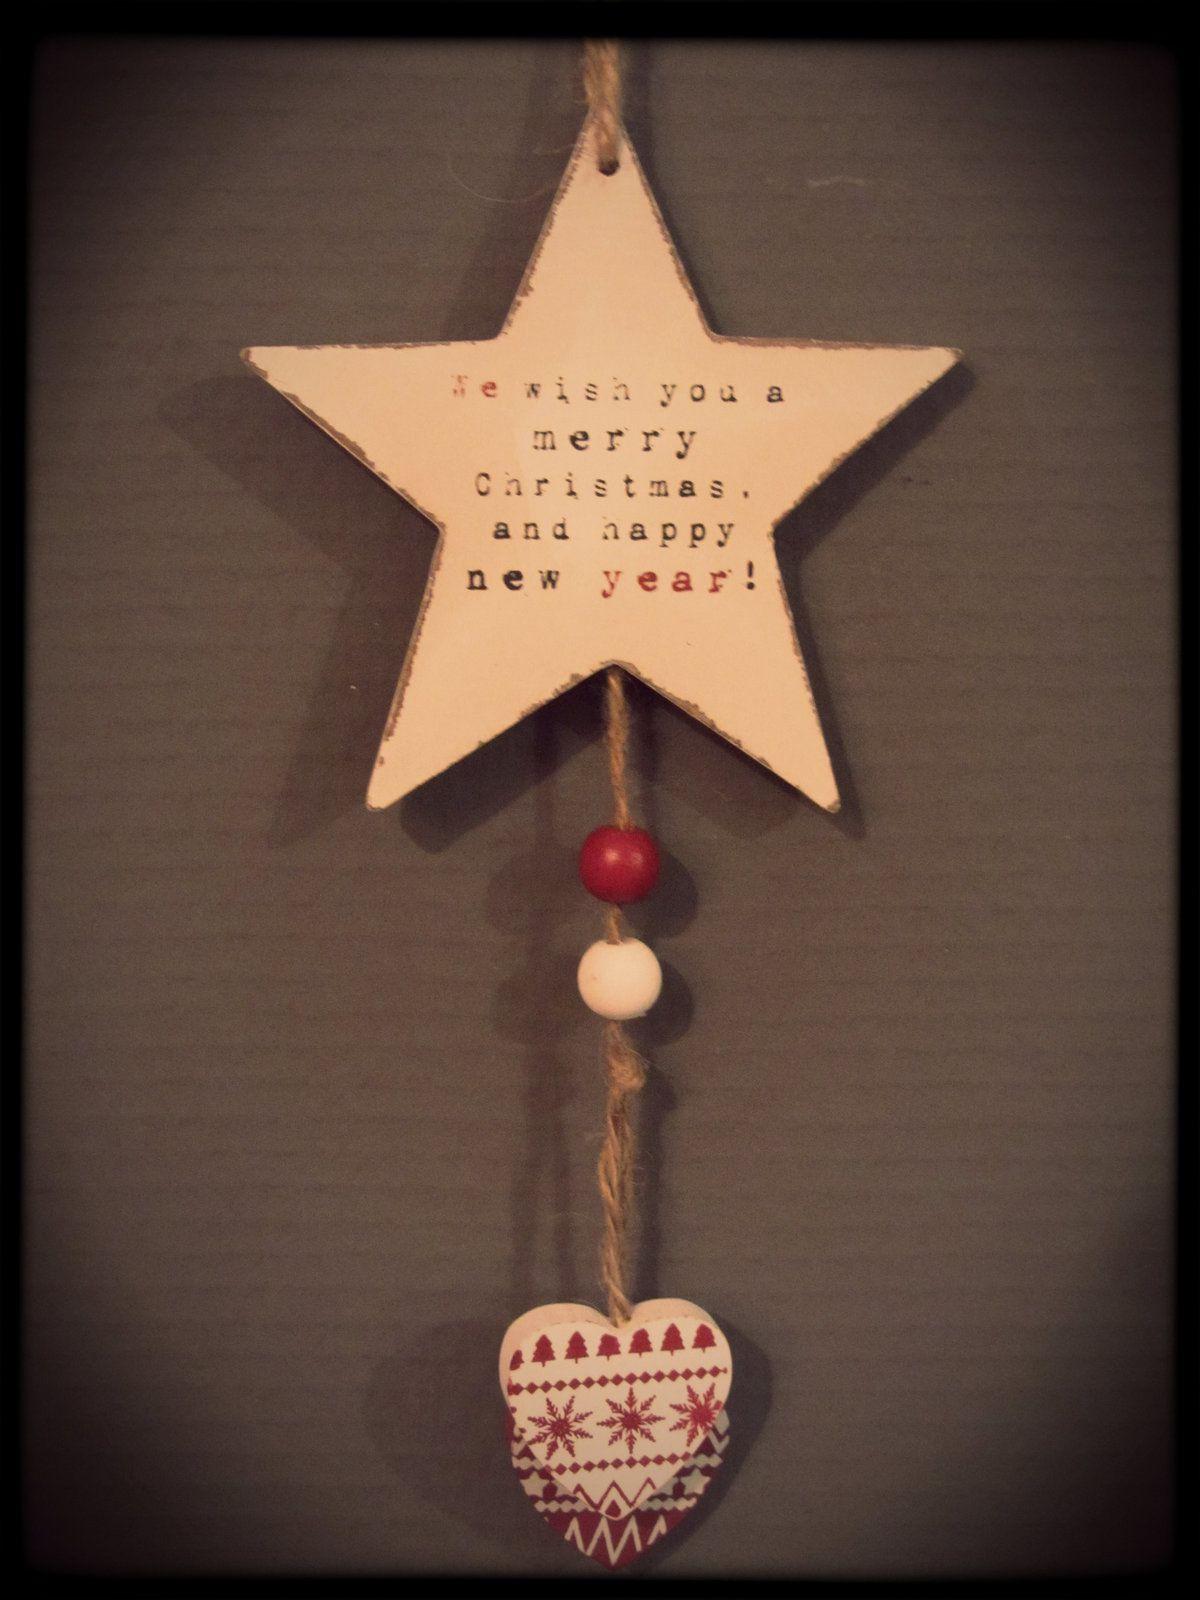 Décoration... Cadeaux... Saint-Gilles-Croix-de-Vie... Brétignolles-Sur-Mer...